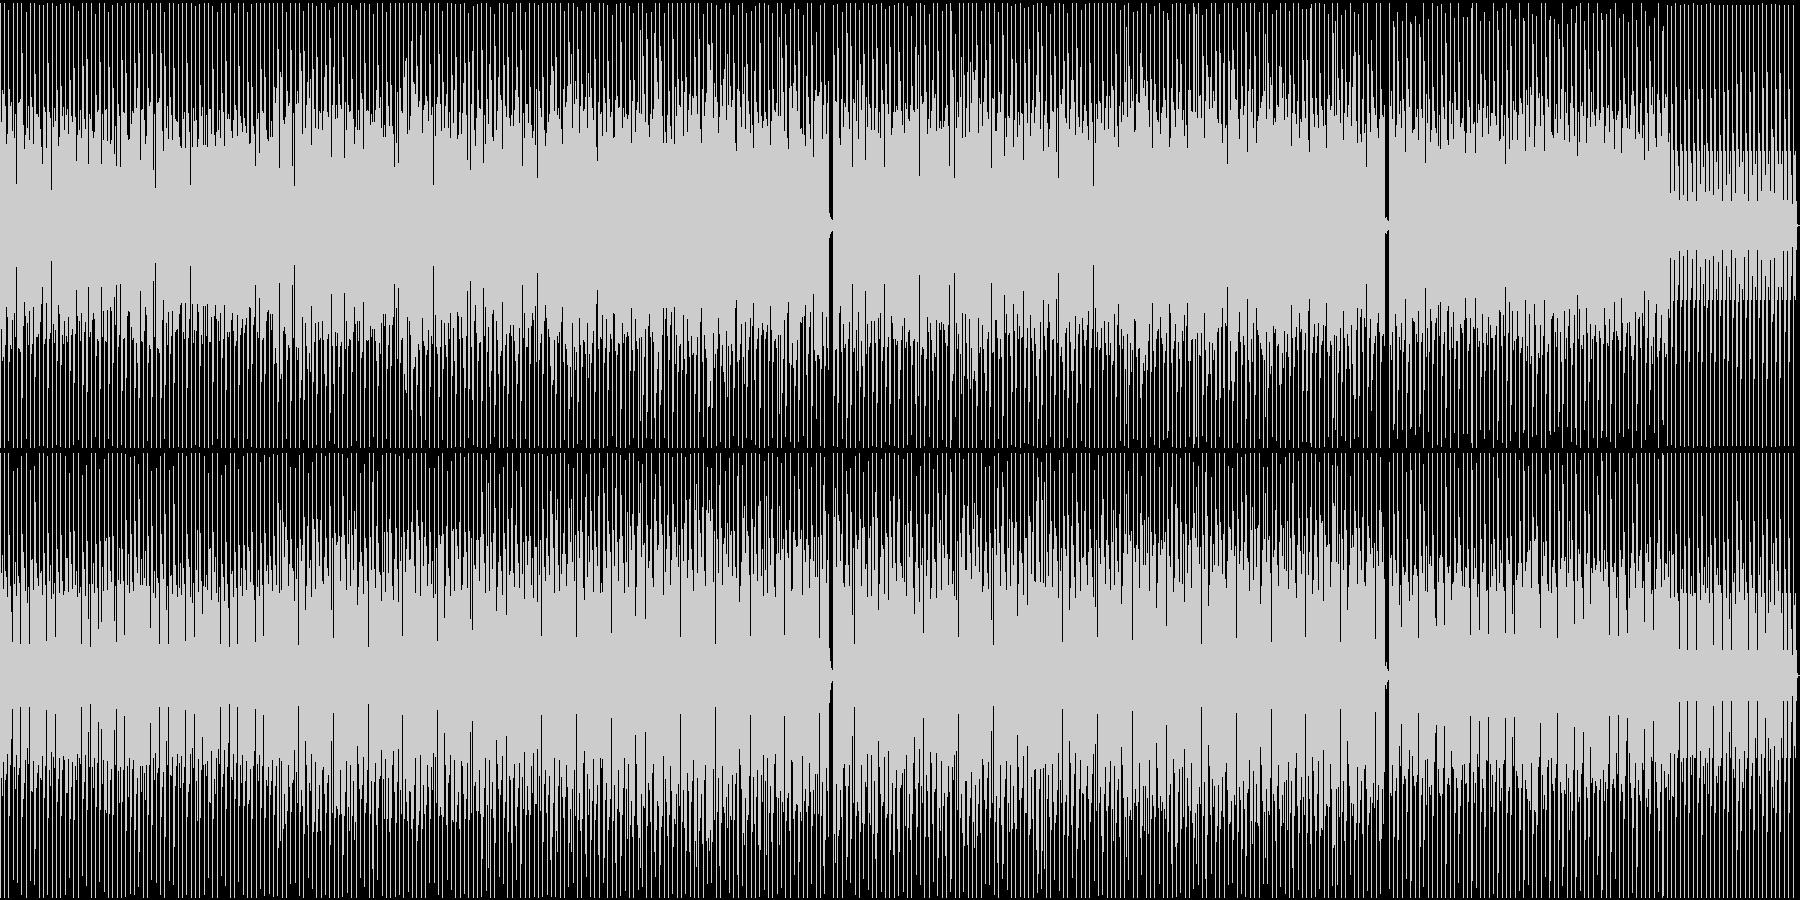 シャープな印象のBGMの未再生の波形